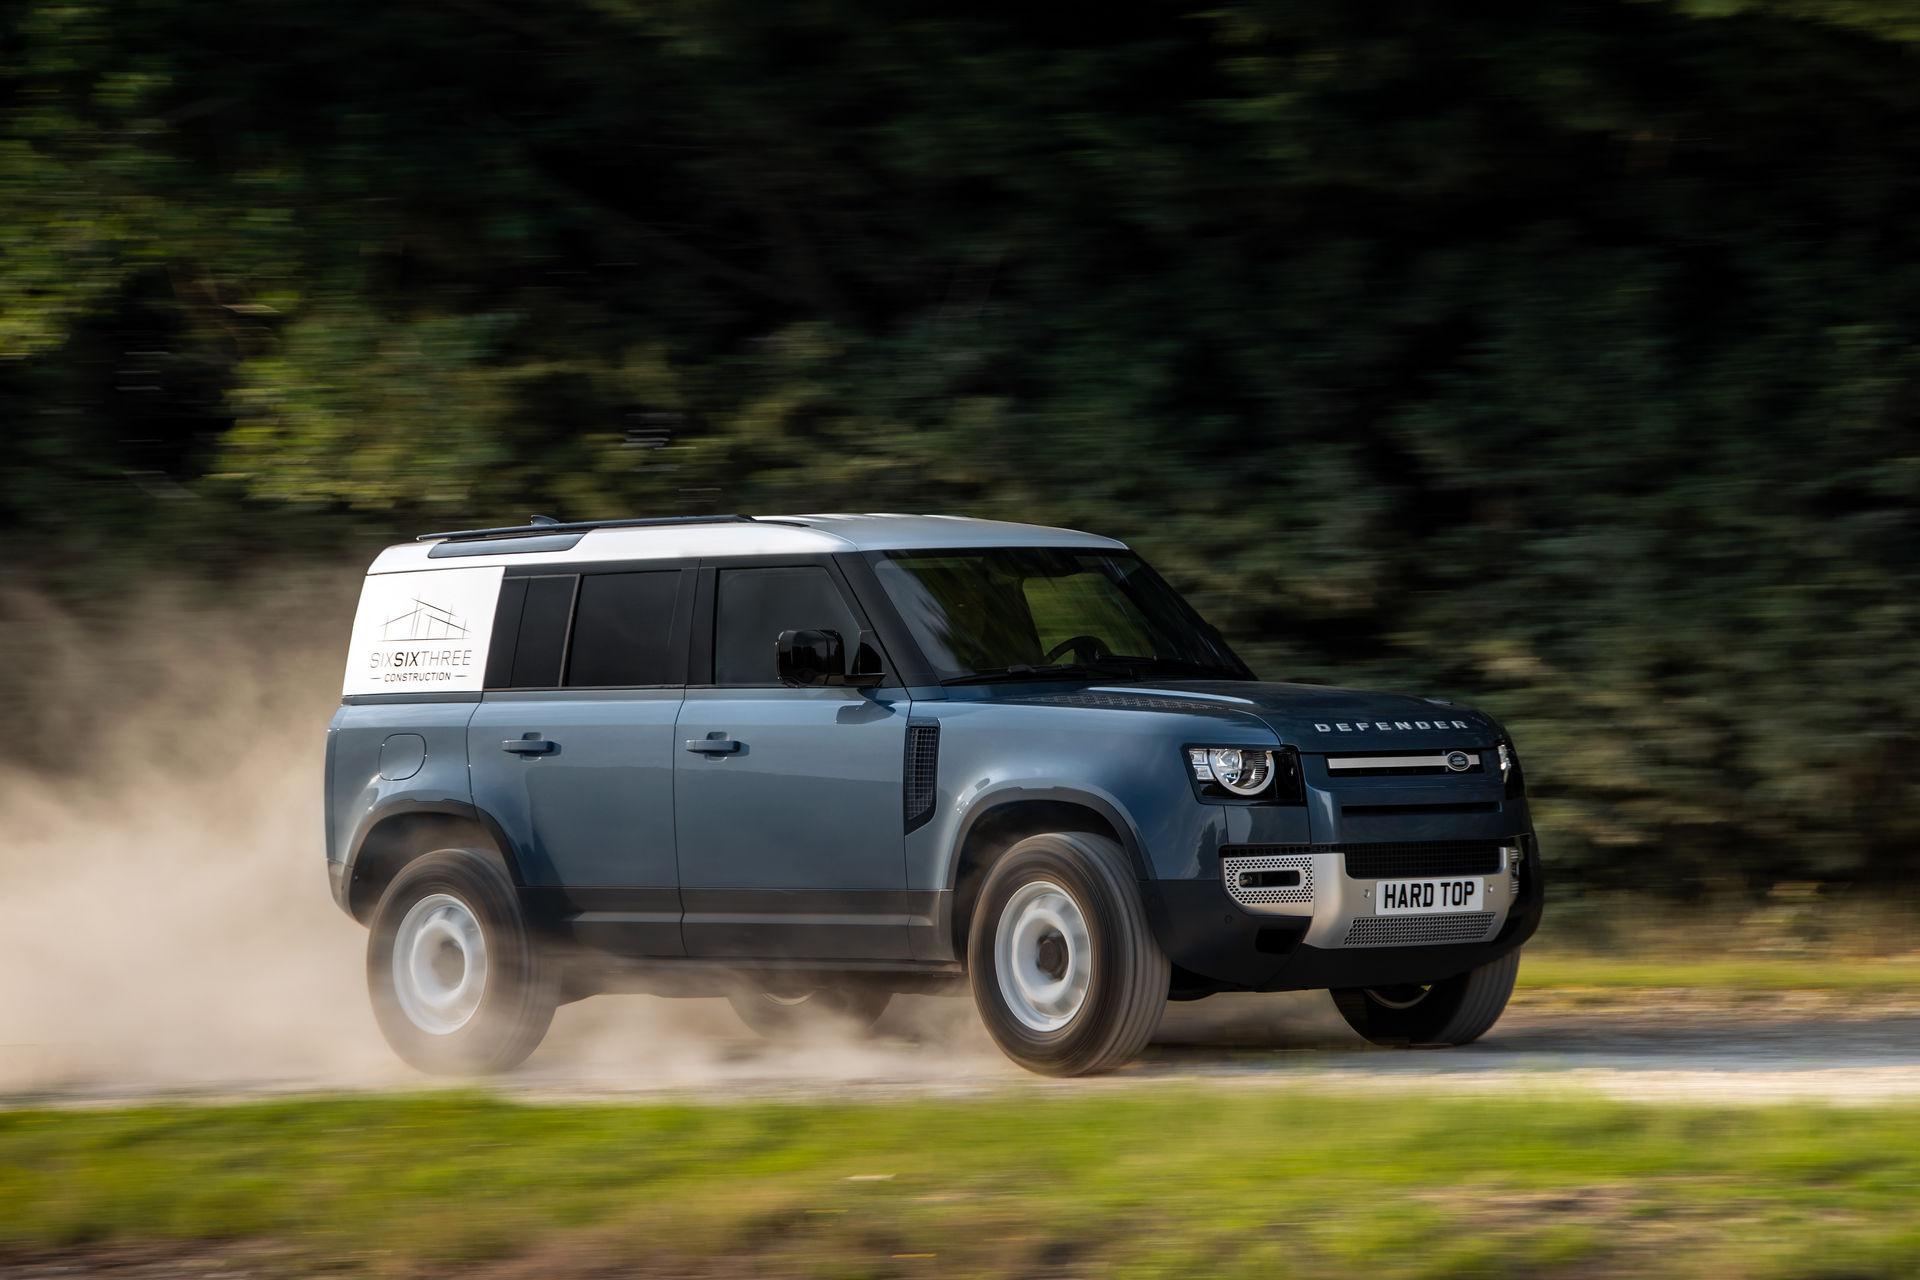 Land Rover Defender Hard Top, Varian Istimewa Khusus Angkut Barang